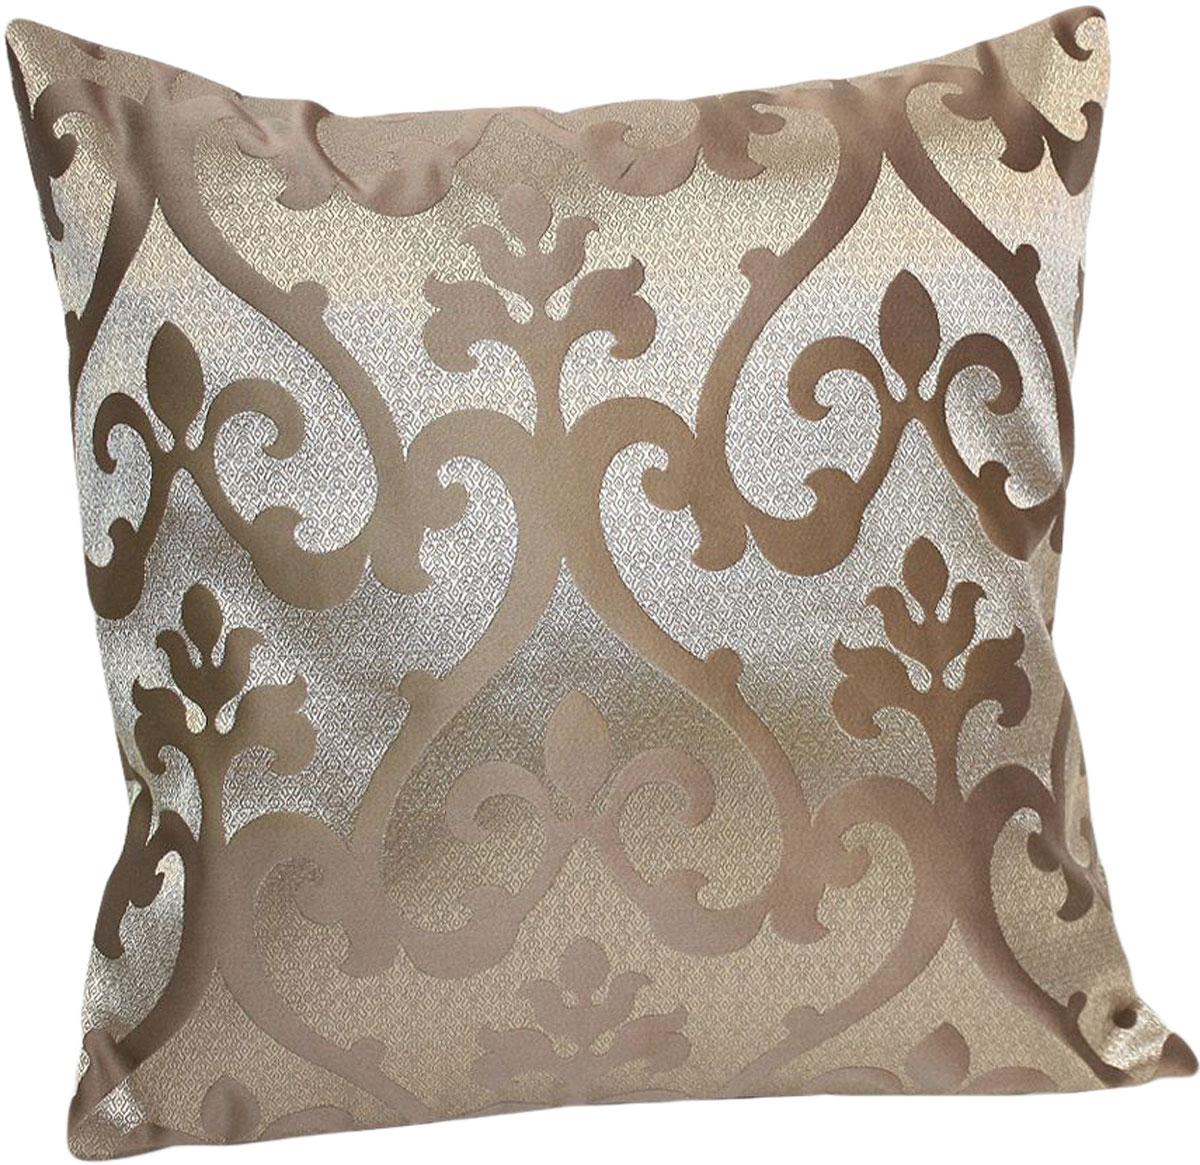 Подушка декоративная KauffOrt Флорентина, цвет: коричневый, 40 x 40 см3121044620Декоративная подушка Флорентина прекрасно дополнит интерьер спальни или гостиной.Чехолподушки выполнен из жаккардовой ткани. Внутри находится мягкий наполнитель. Чехоллегко снимаетсяблагодаря потайной молнии.